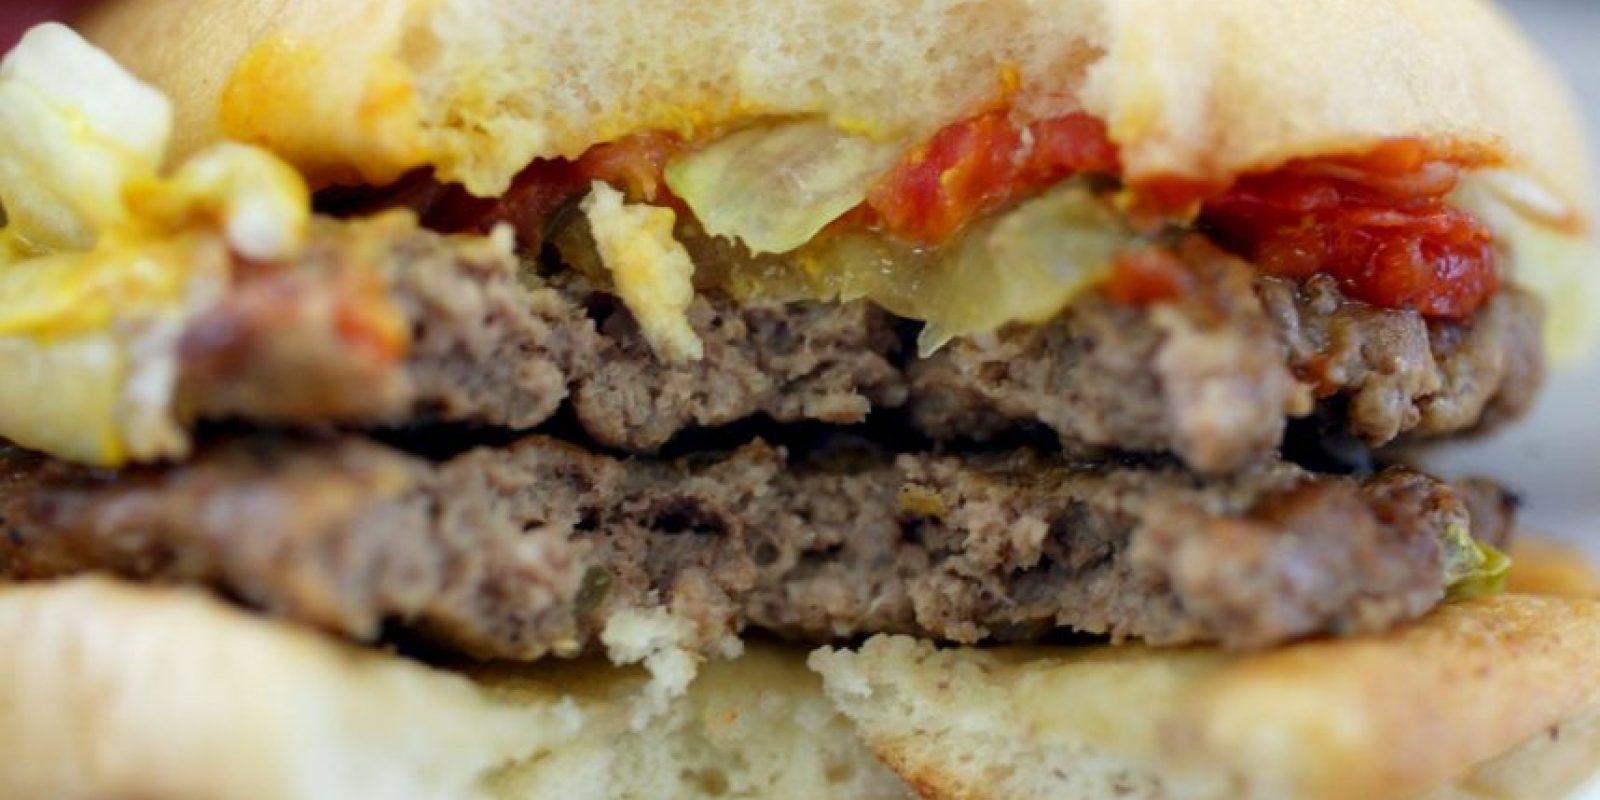 Los investigadores monitorearon los hábitos de compra de comestibles de más de 200 hogares neoyorquinos durante siete meses. Foto:Getty Images